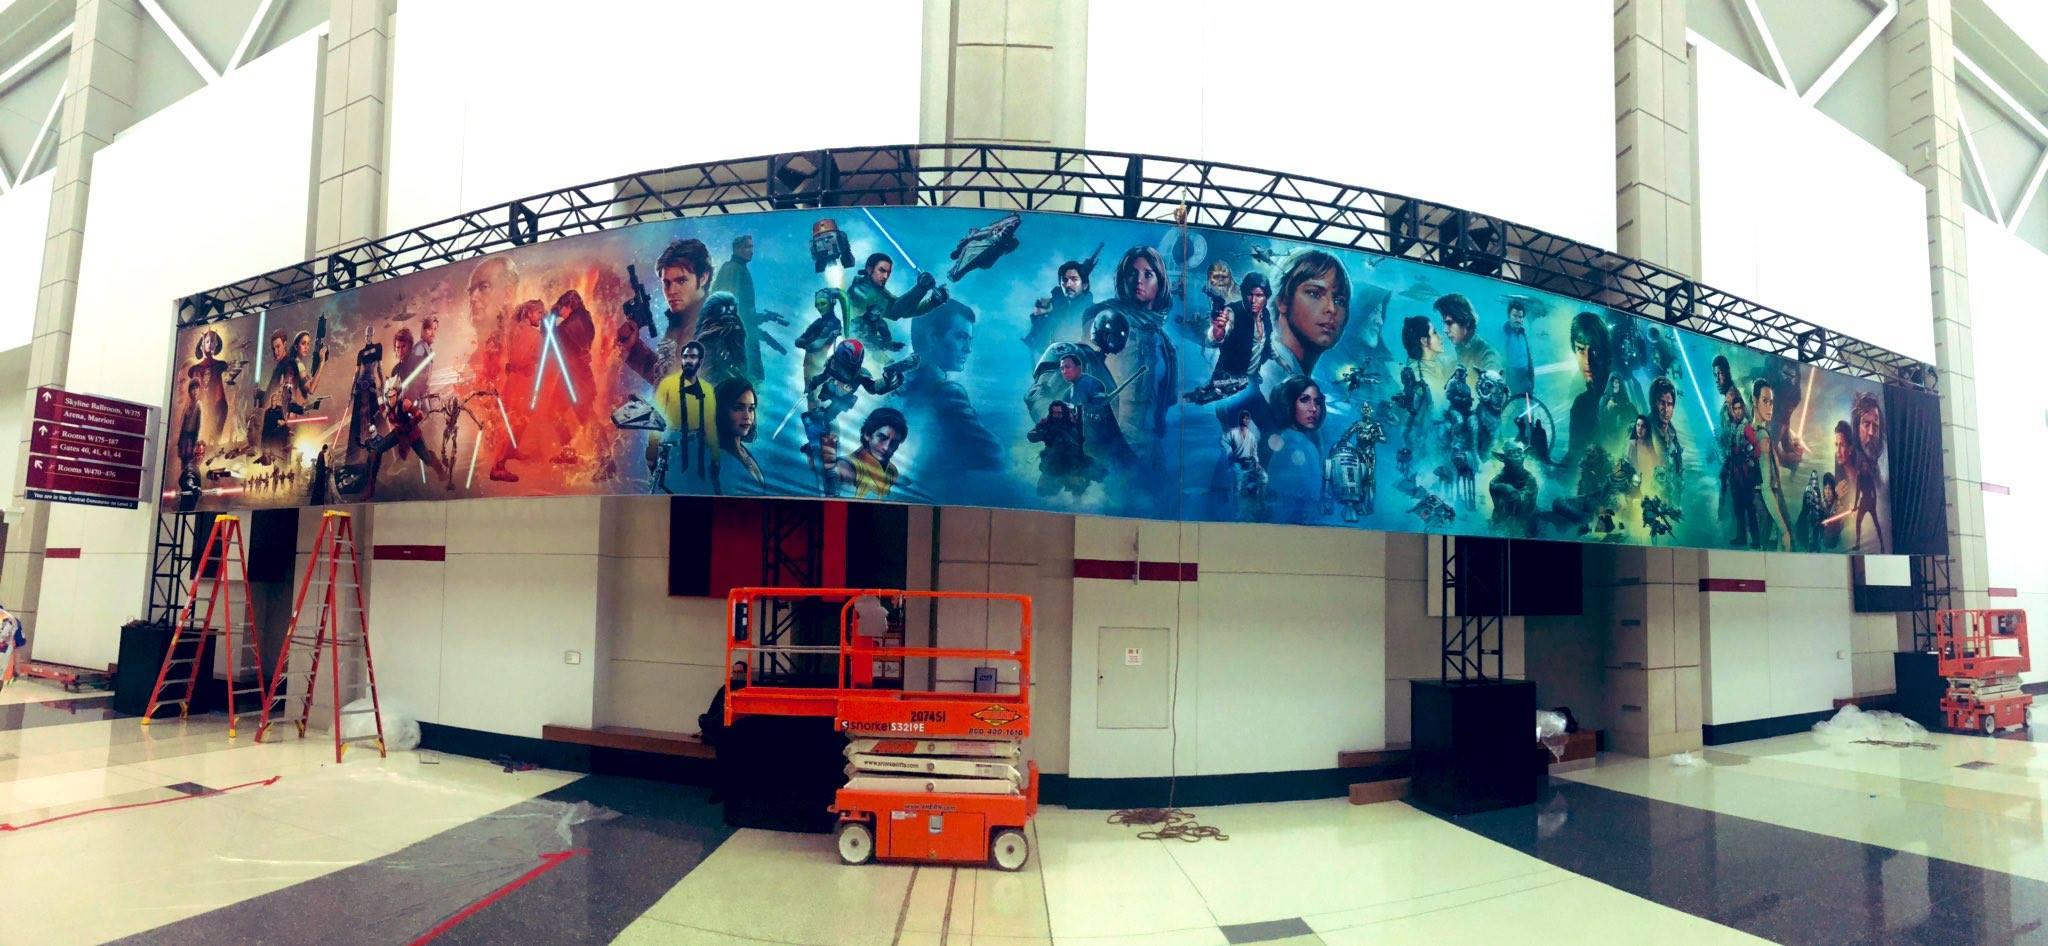 A Celebration egyik látványossága volt ez a 80 négyzetméteres Star Wars-freskó. (forrás: Twitter)